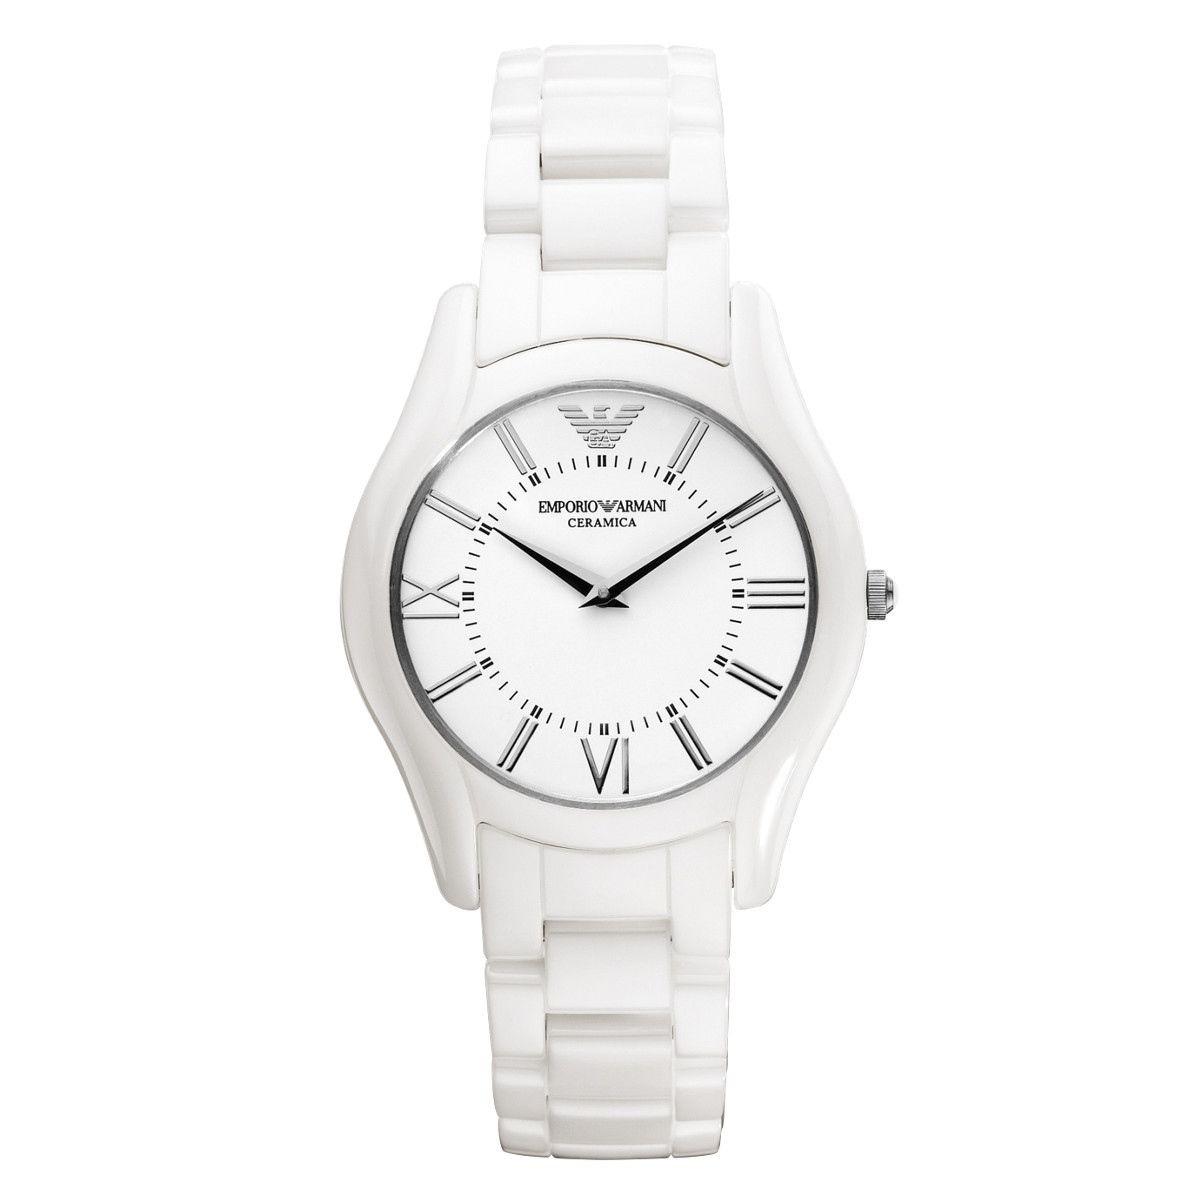 270d9870bbb8 reloj emporio armani para mujer ar1443 plateado y blanco. Cargando zoom.